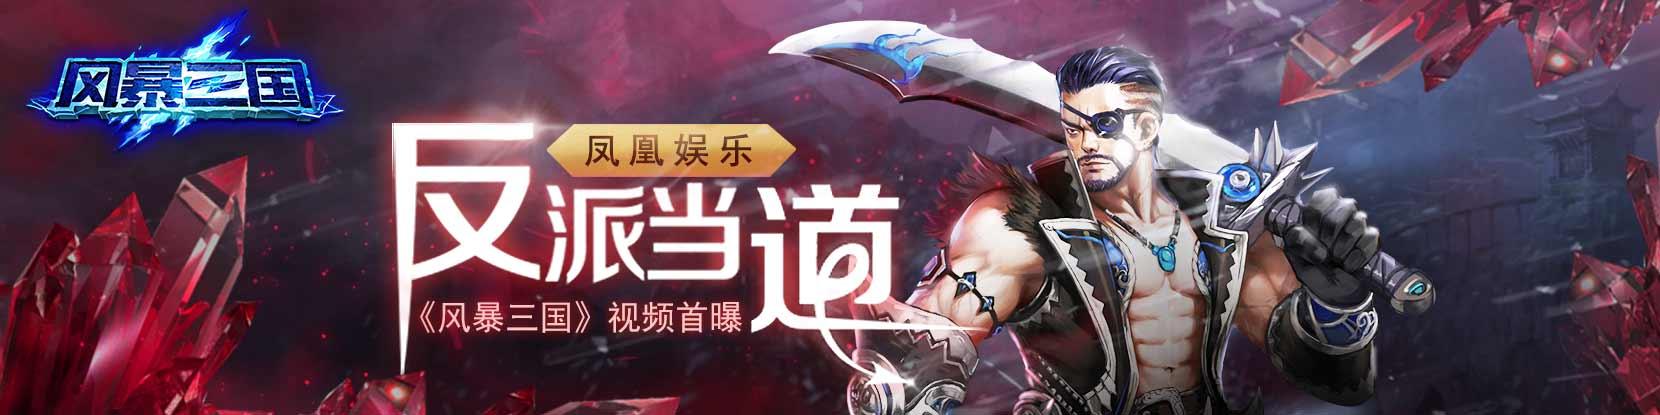 """凤凰娱乐《风暴三国》视频首曝 一款""""反派当道""""的ARPG"""